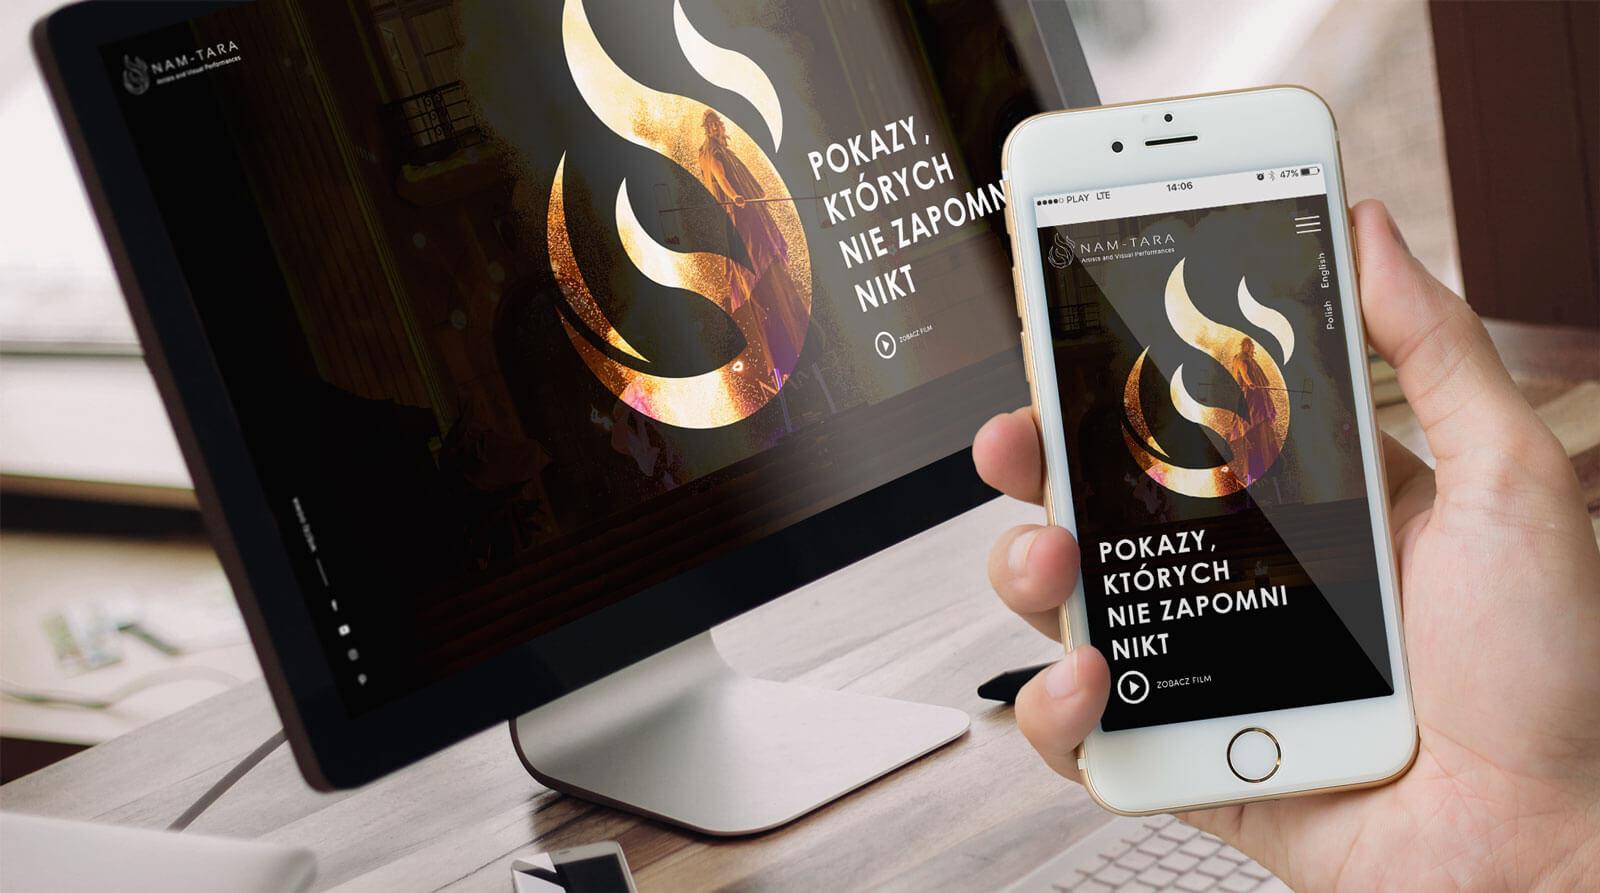 Nam Tara nowa strona internetowa pod doemną fireshow.pl